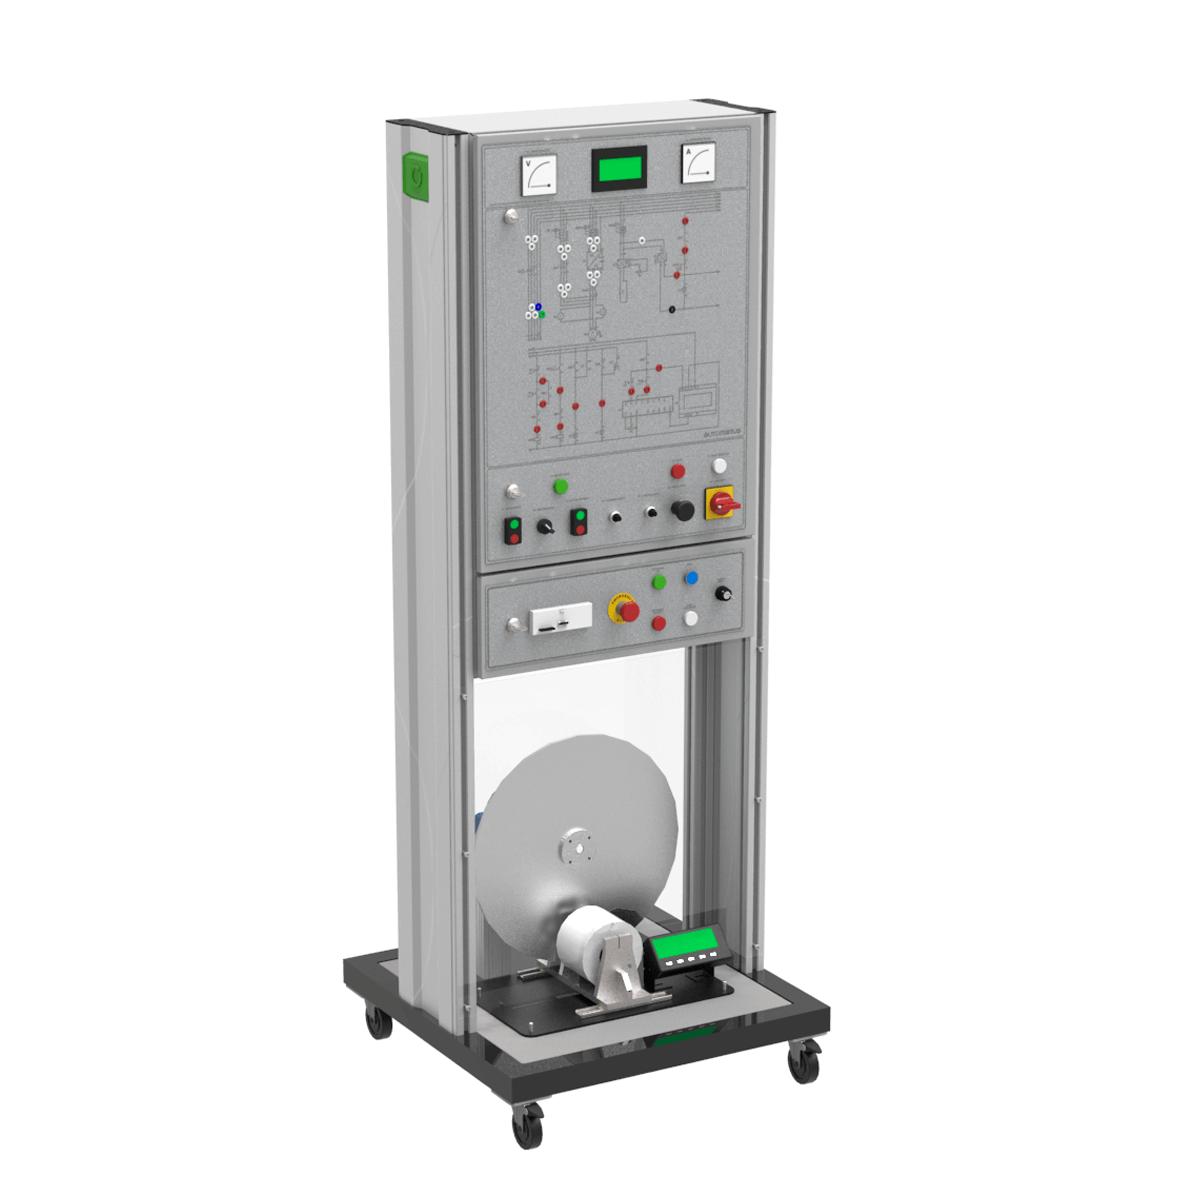 lab-eletricidade-industrial-bancada-didatica-controle-de-velocidade-auttom-2